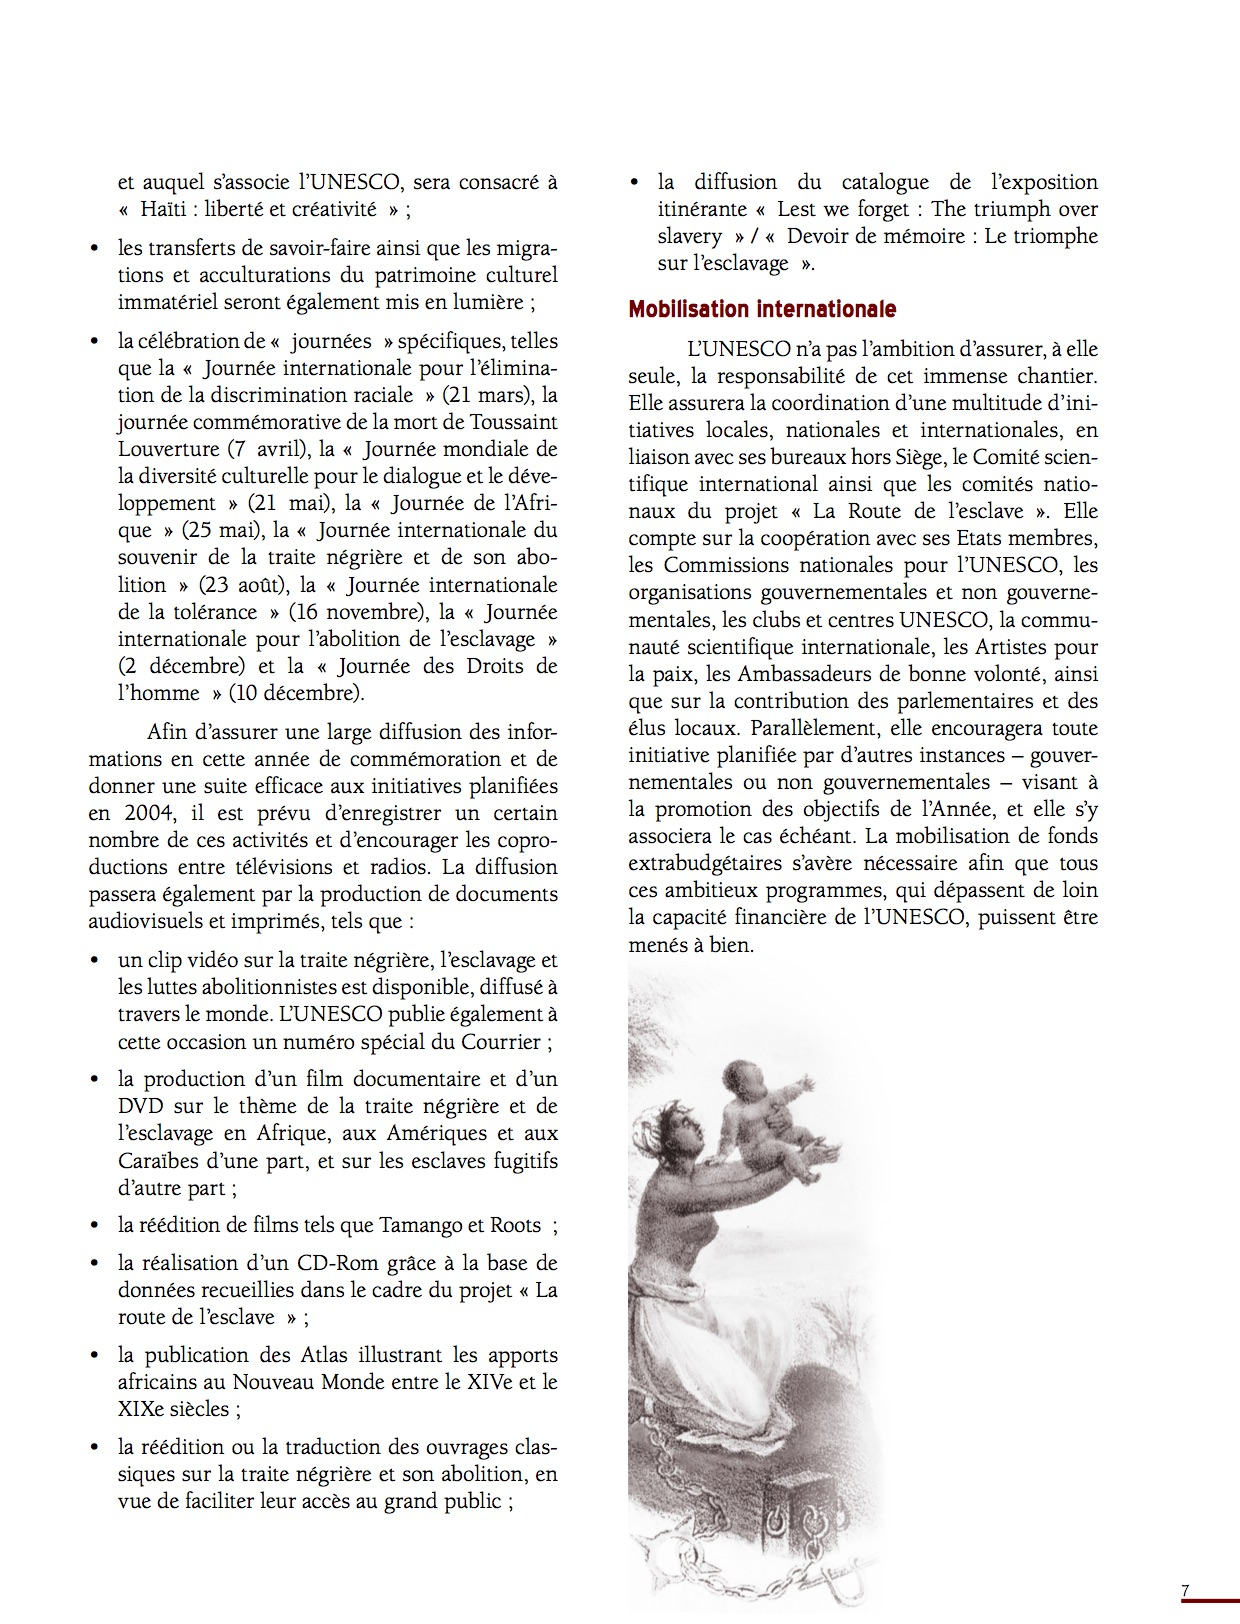 Unesco Luttes contre l'esclavage-7